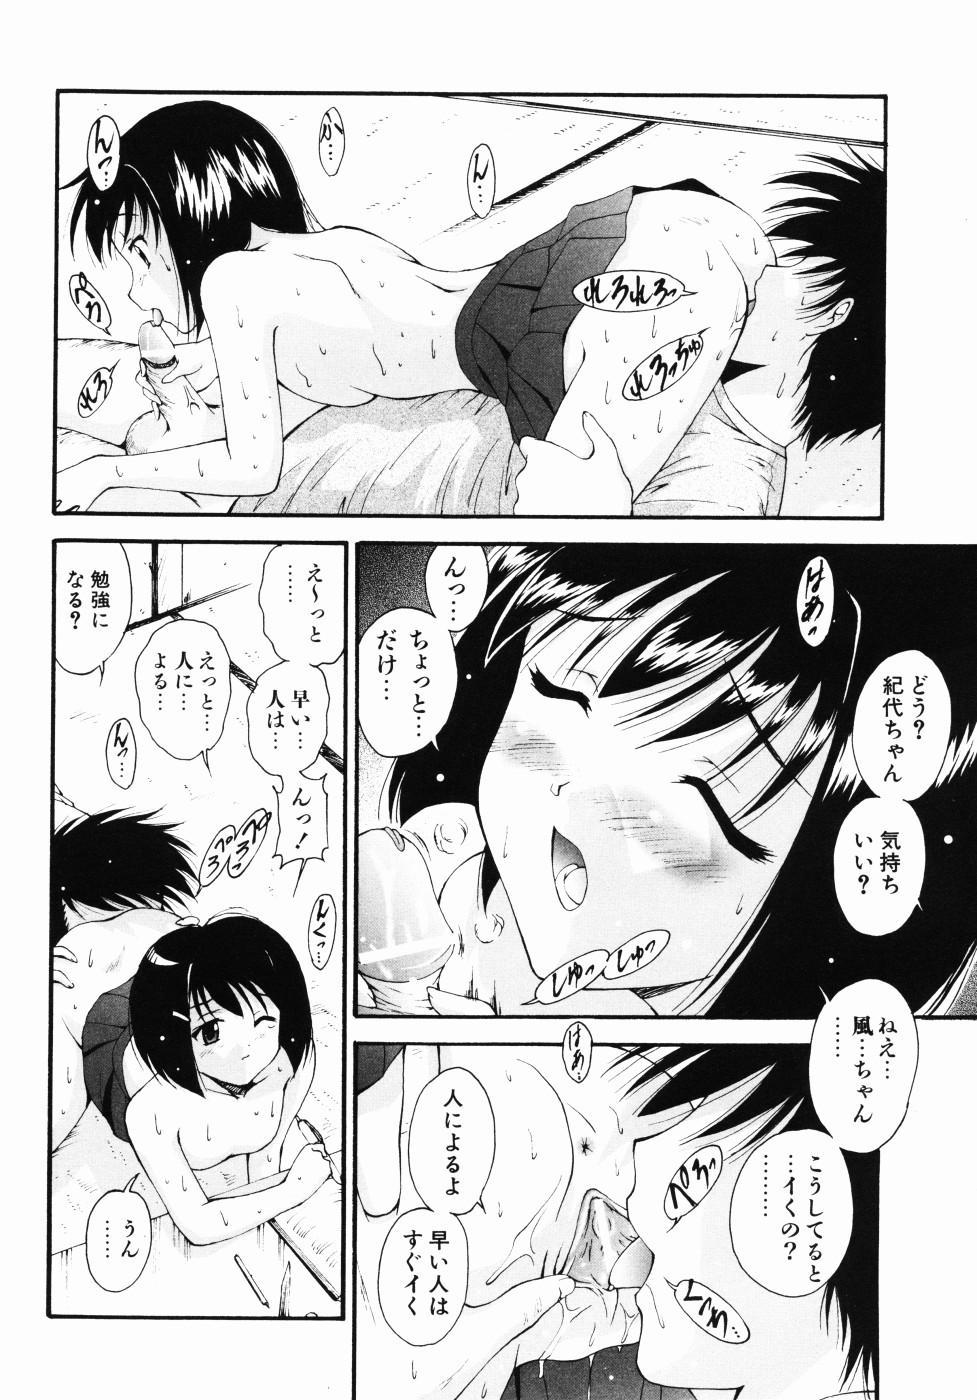 Daikyou Megami 68